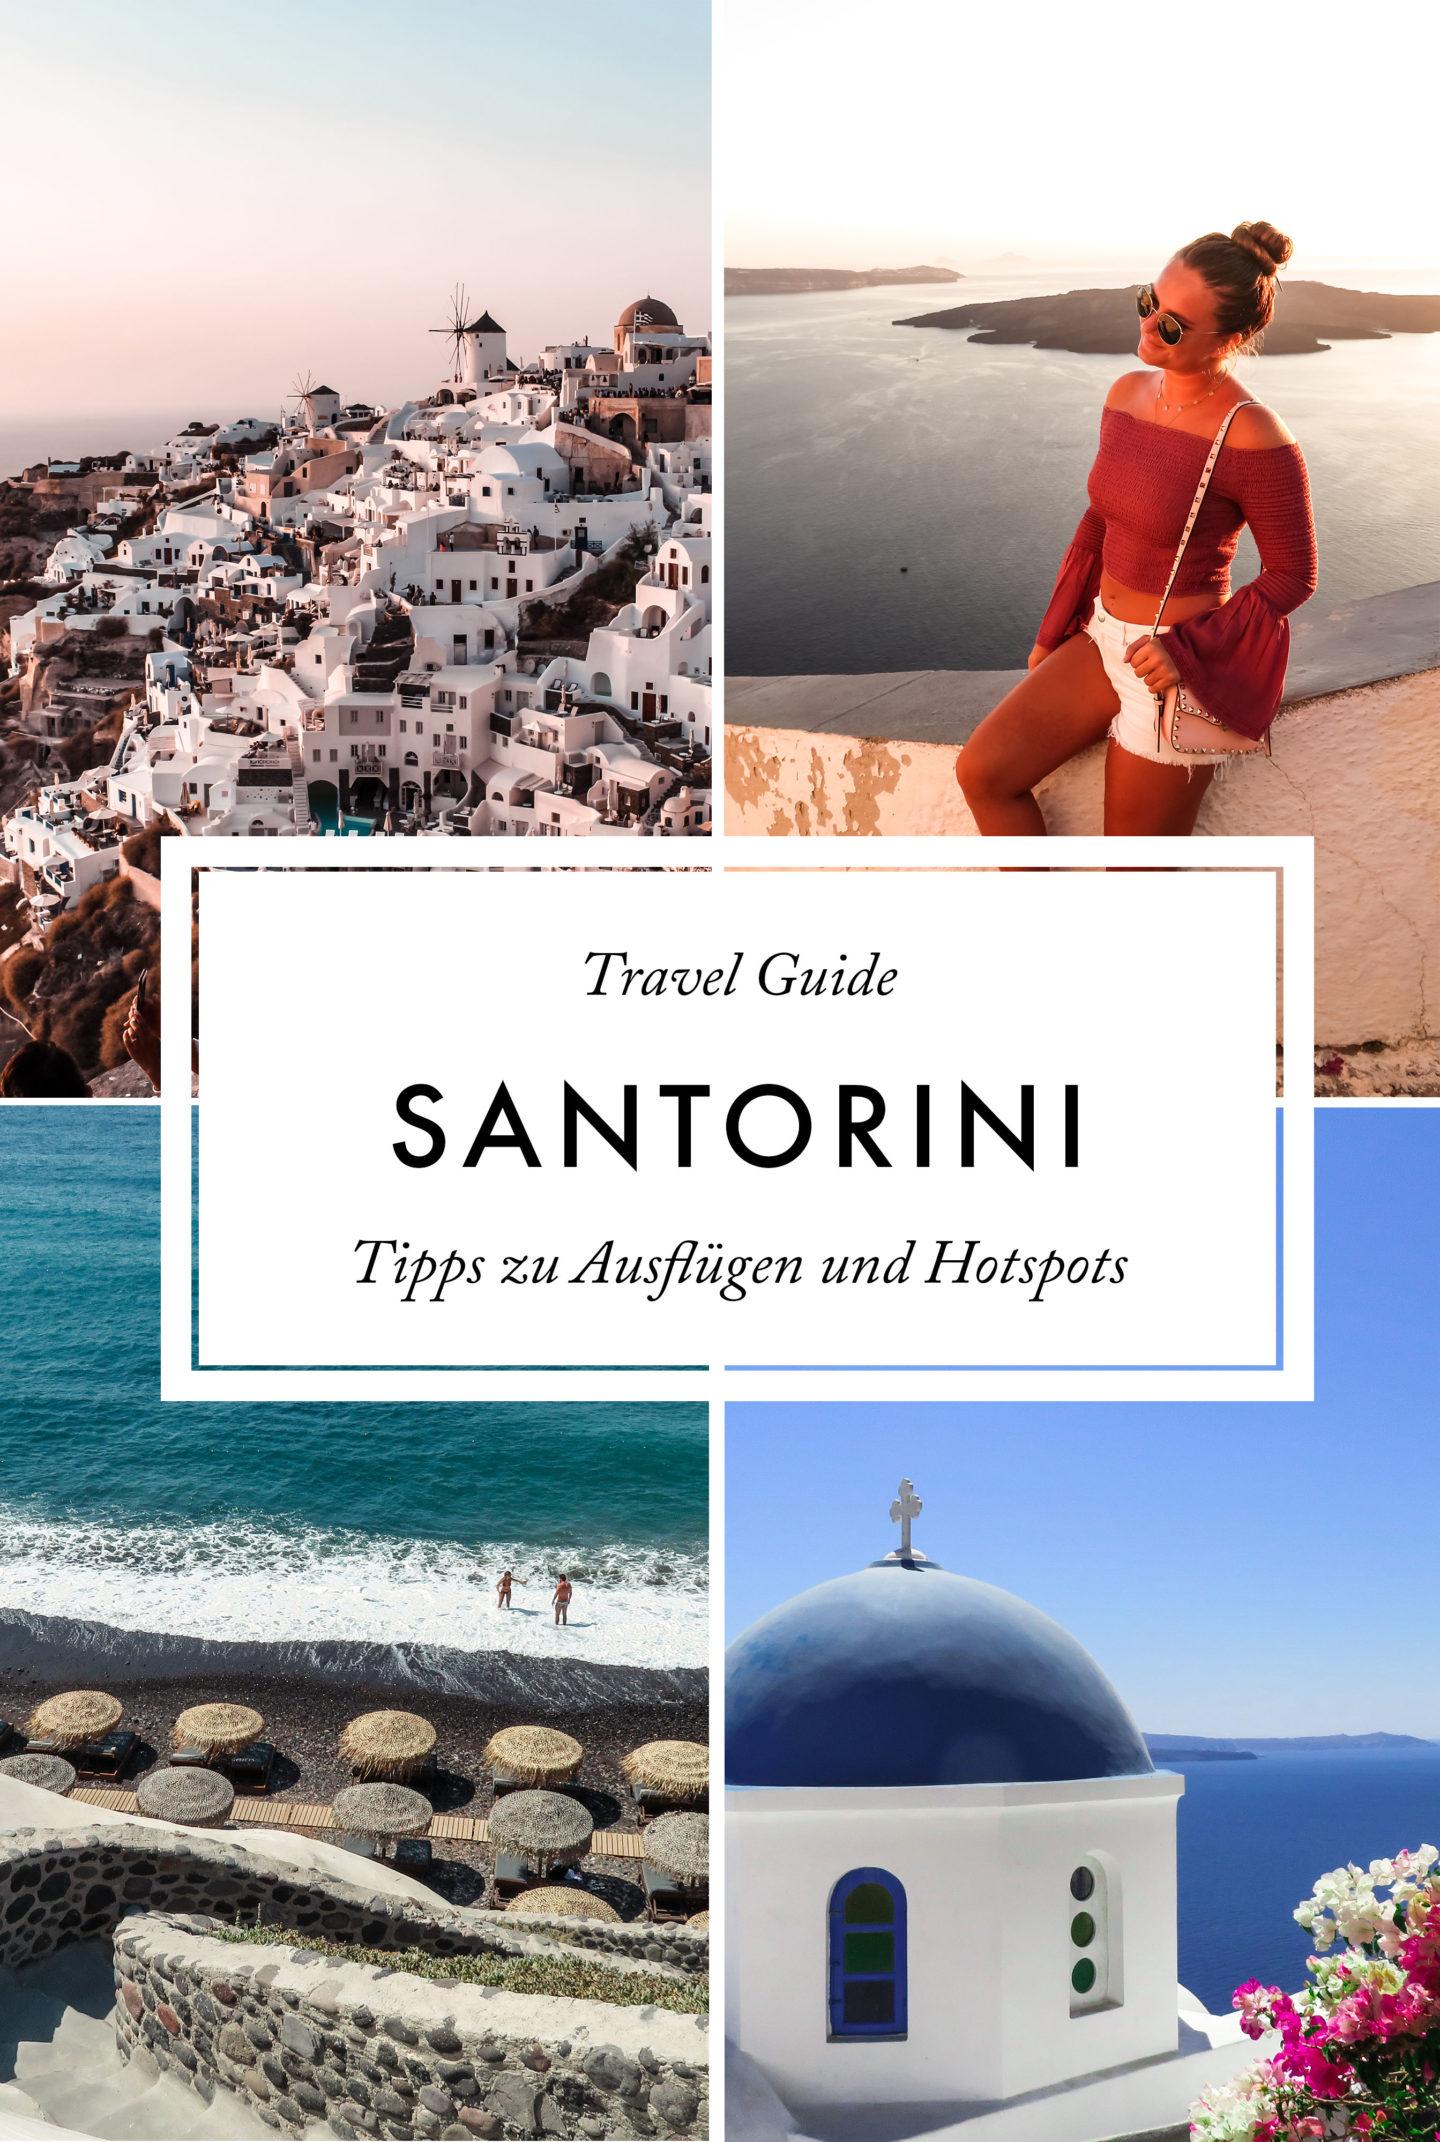 Santorini Travel Guide Ausflüge und Hotspots